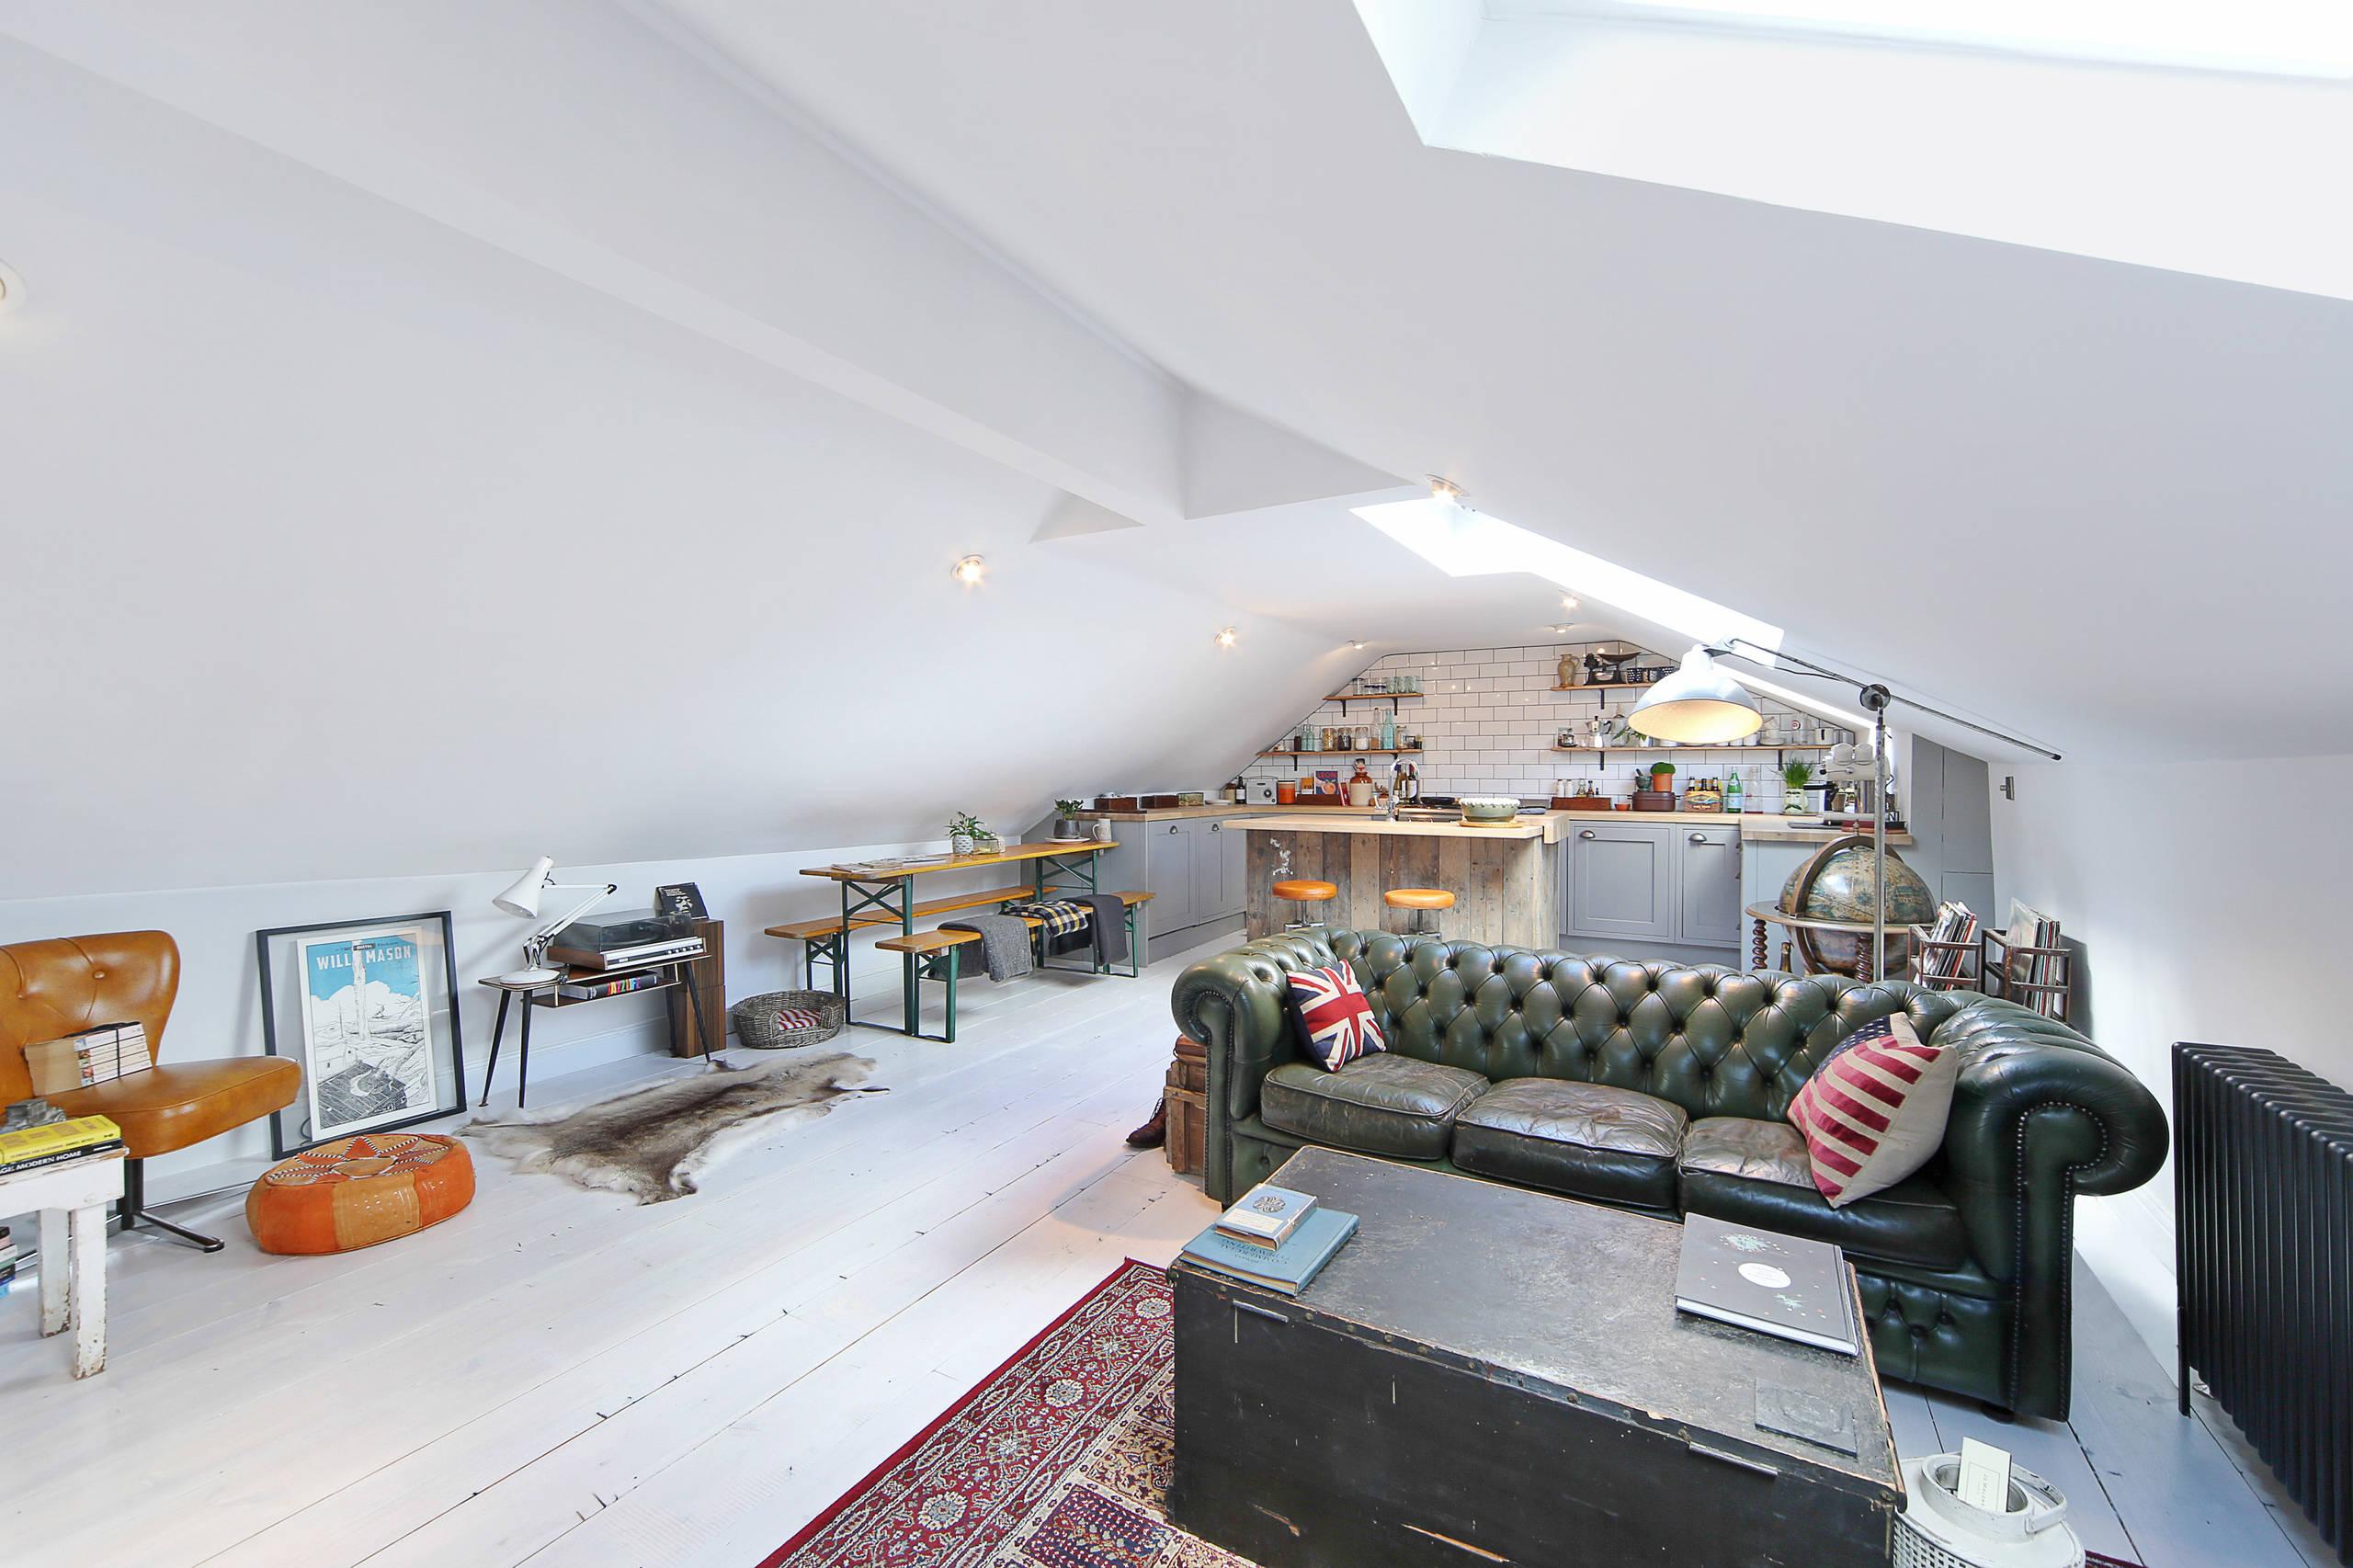 Appartement loft avec un plafond géométriquement complexe, un mobilier simple et fonctionnel avec un effet vieillissant, un canapé en cuir au centre de la pièce et différentes conceptions d'éclairage